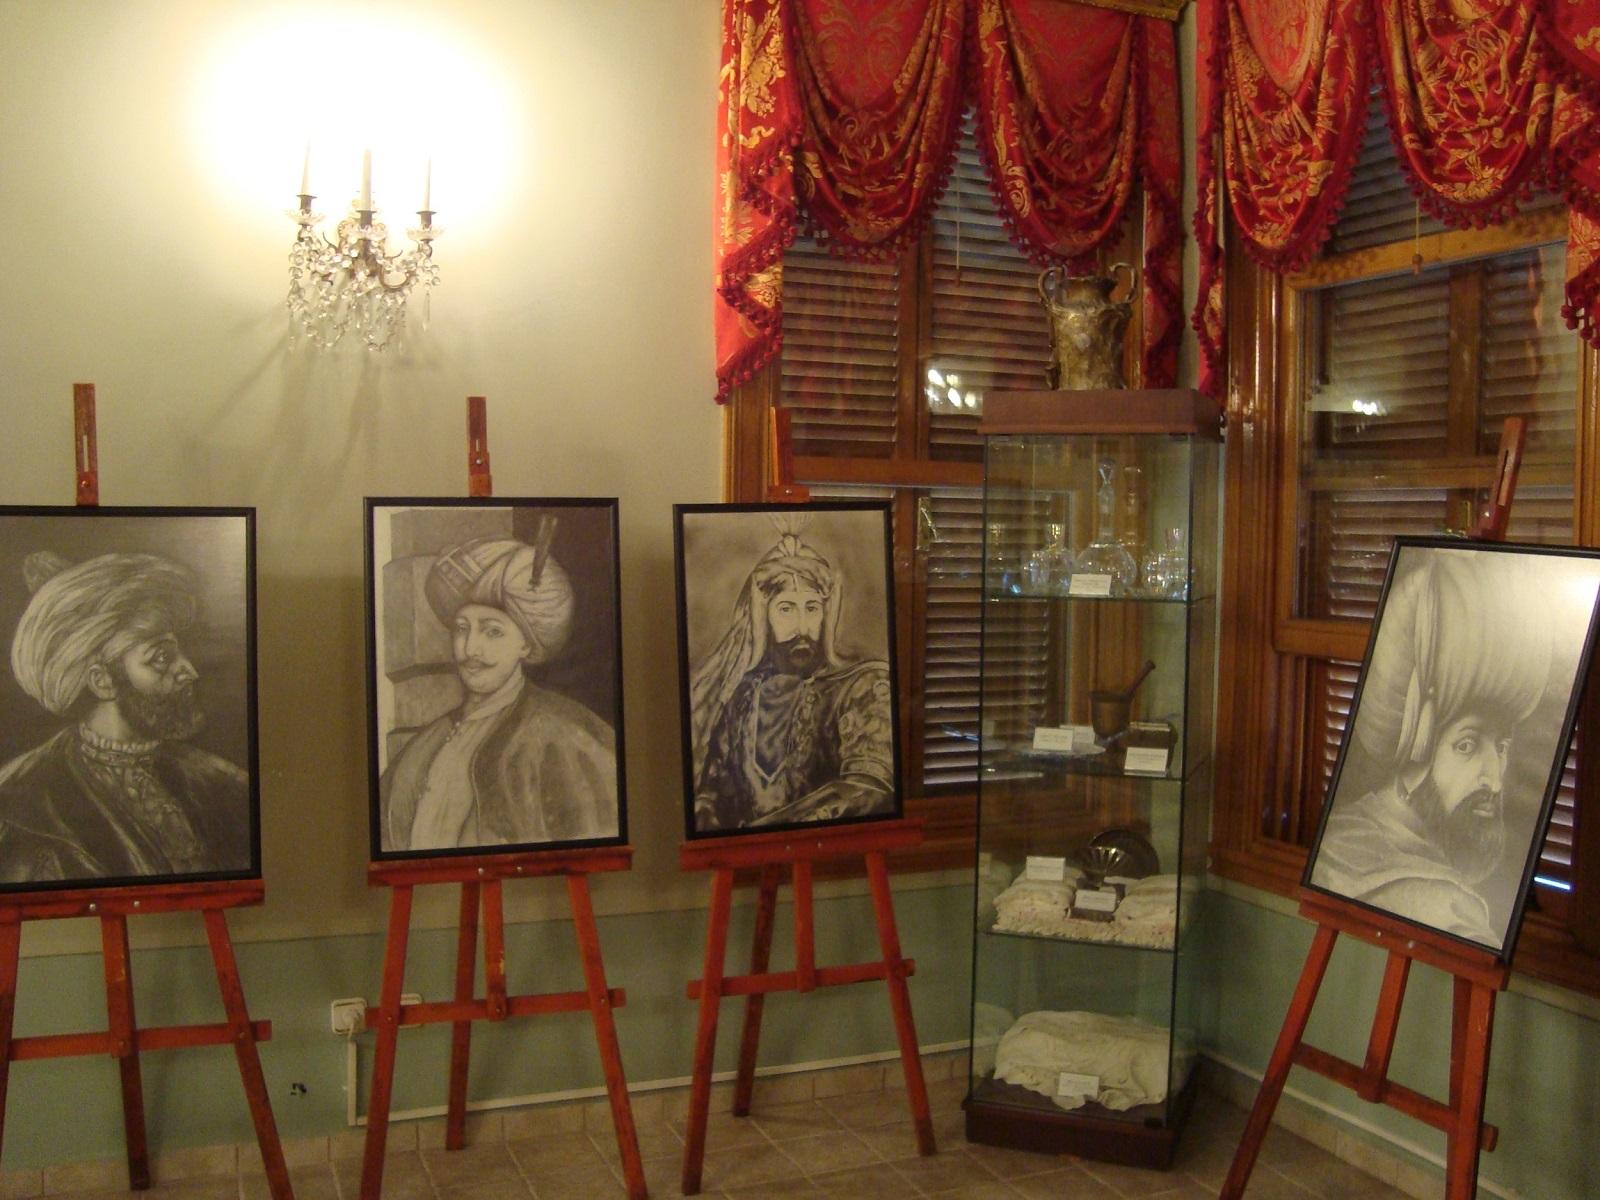 Osmanlı Padişah Eşleri Sayısı Listesi Ottoman Empire Palace Türk Büyükleri Kimdir Nedir Bilgi Osmanlısı Padişahlar Hünkâr Köşkü